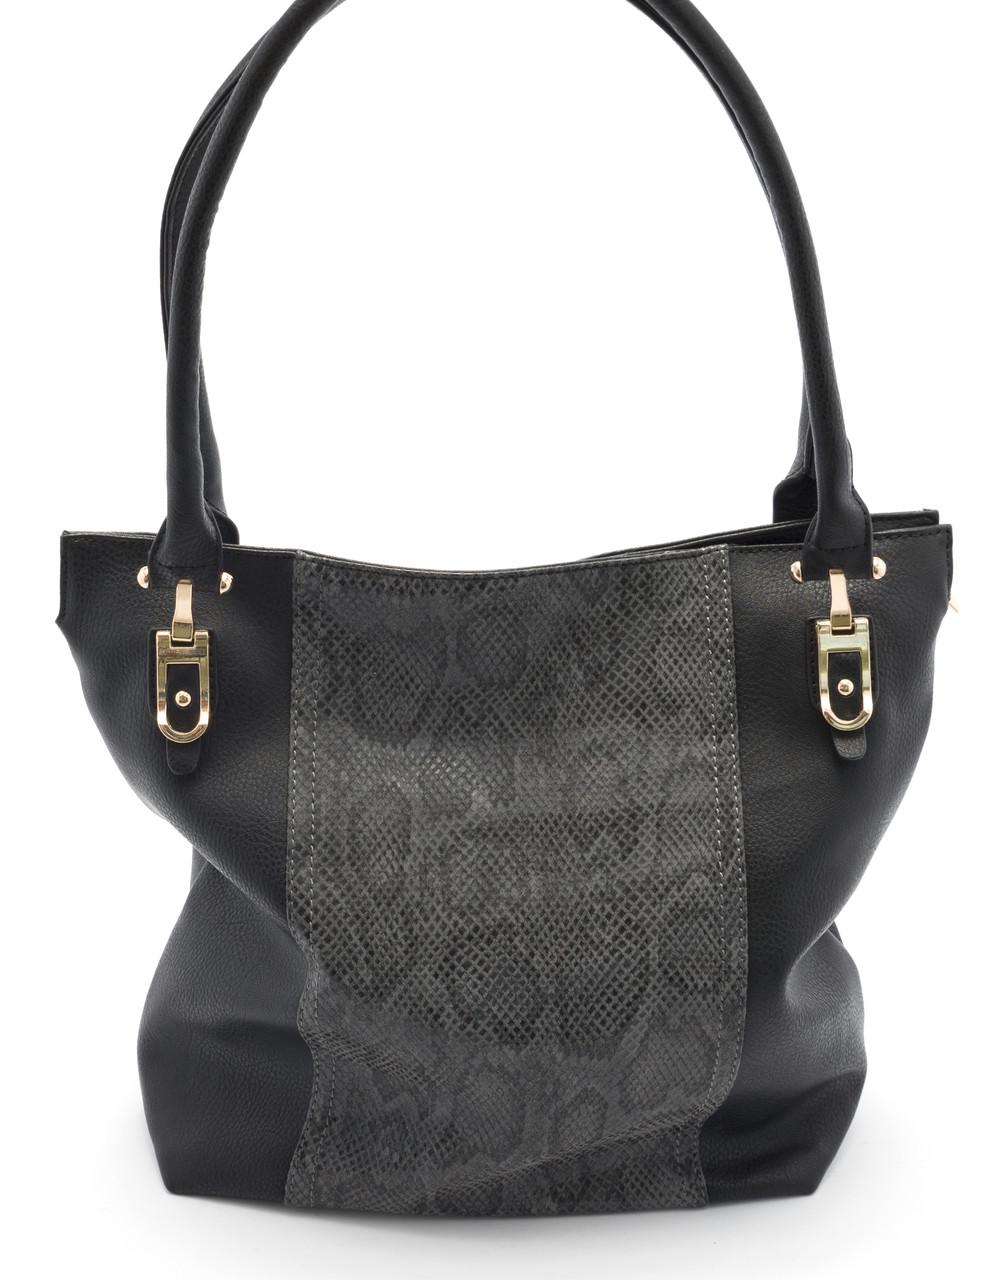 Черная женская сумка с вставкой под кожу питона SOFIYA art. 712